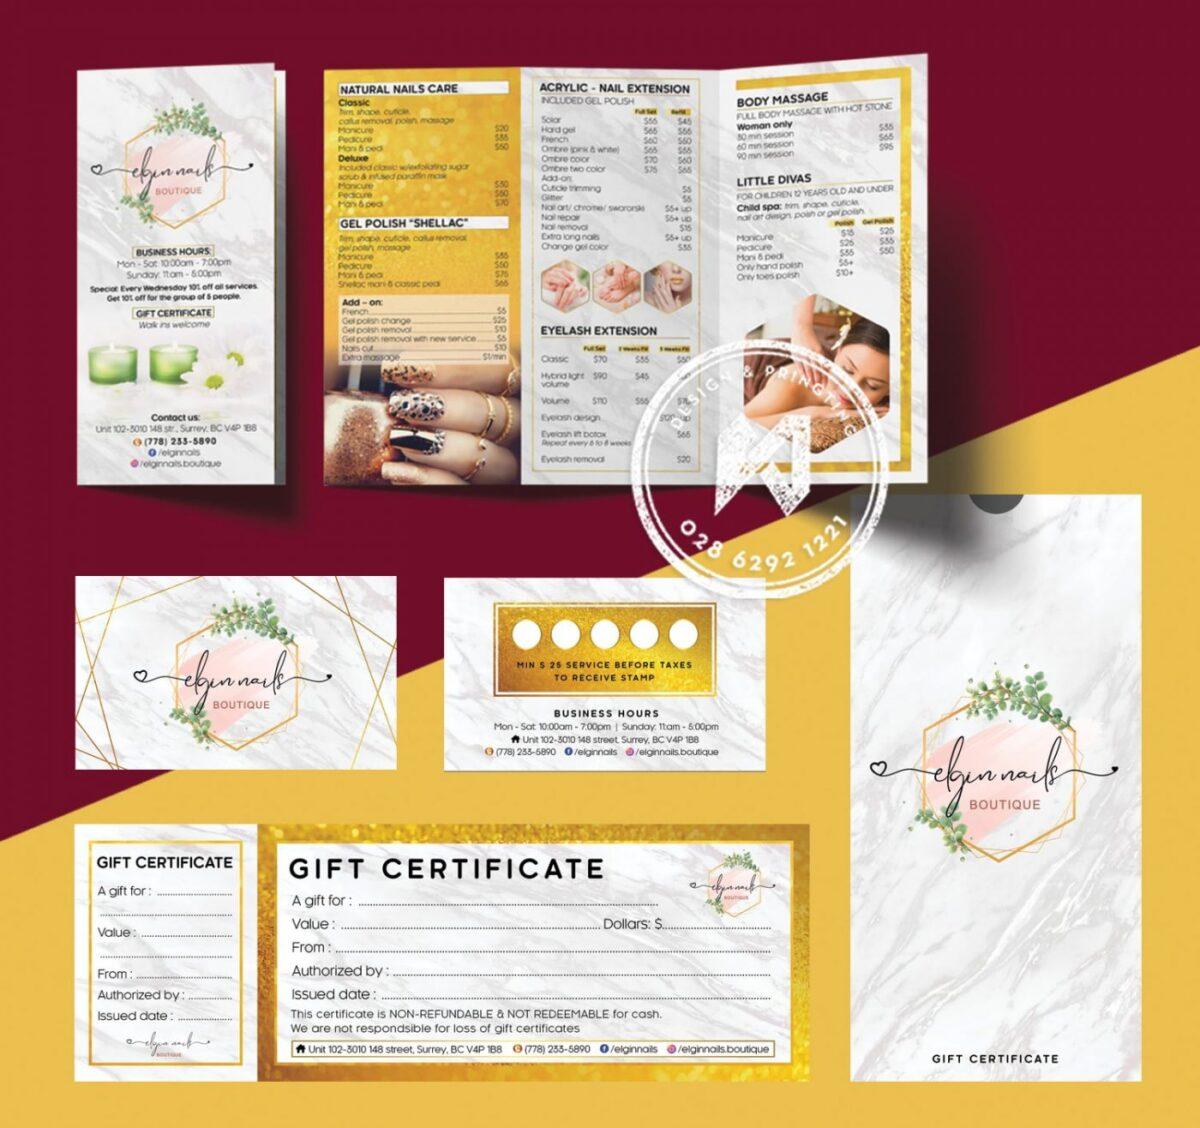 Gift voucher là sản phẩm cần thiết trong bộ nhận diện thương hiệu SPA